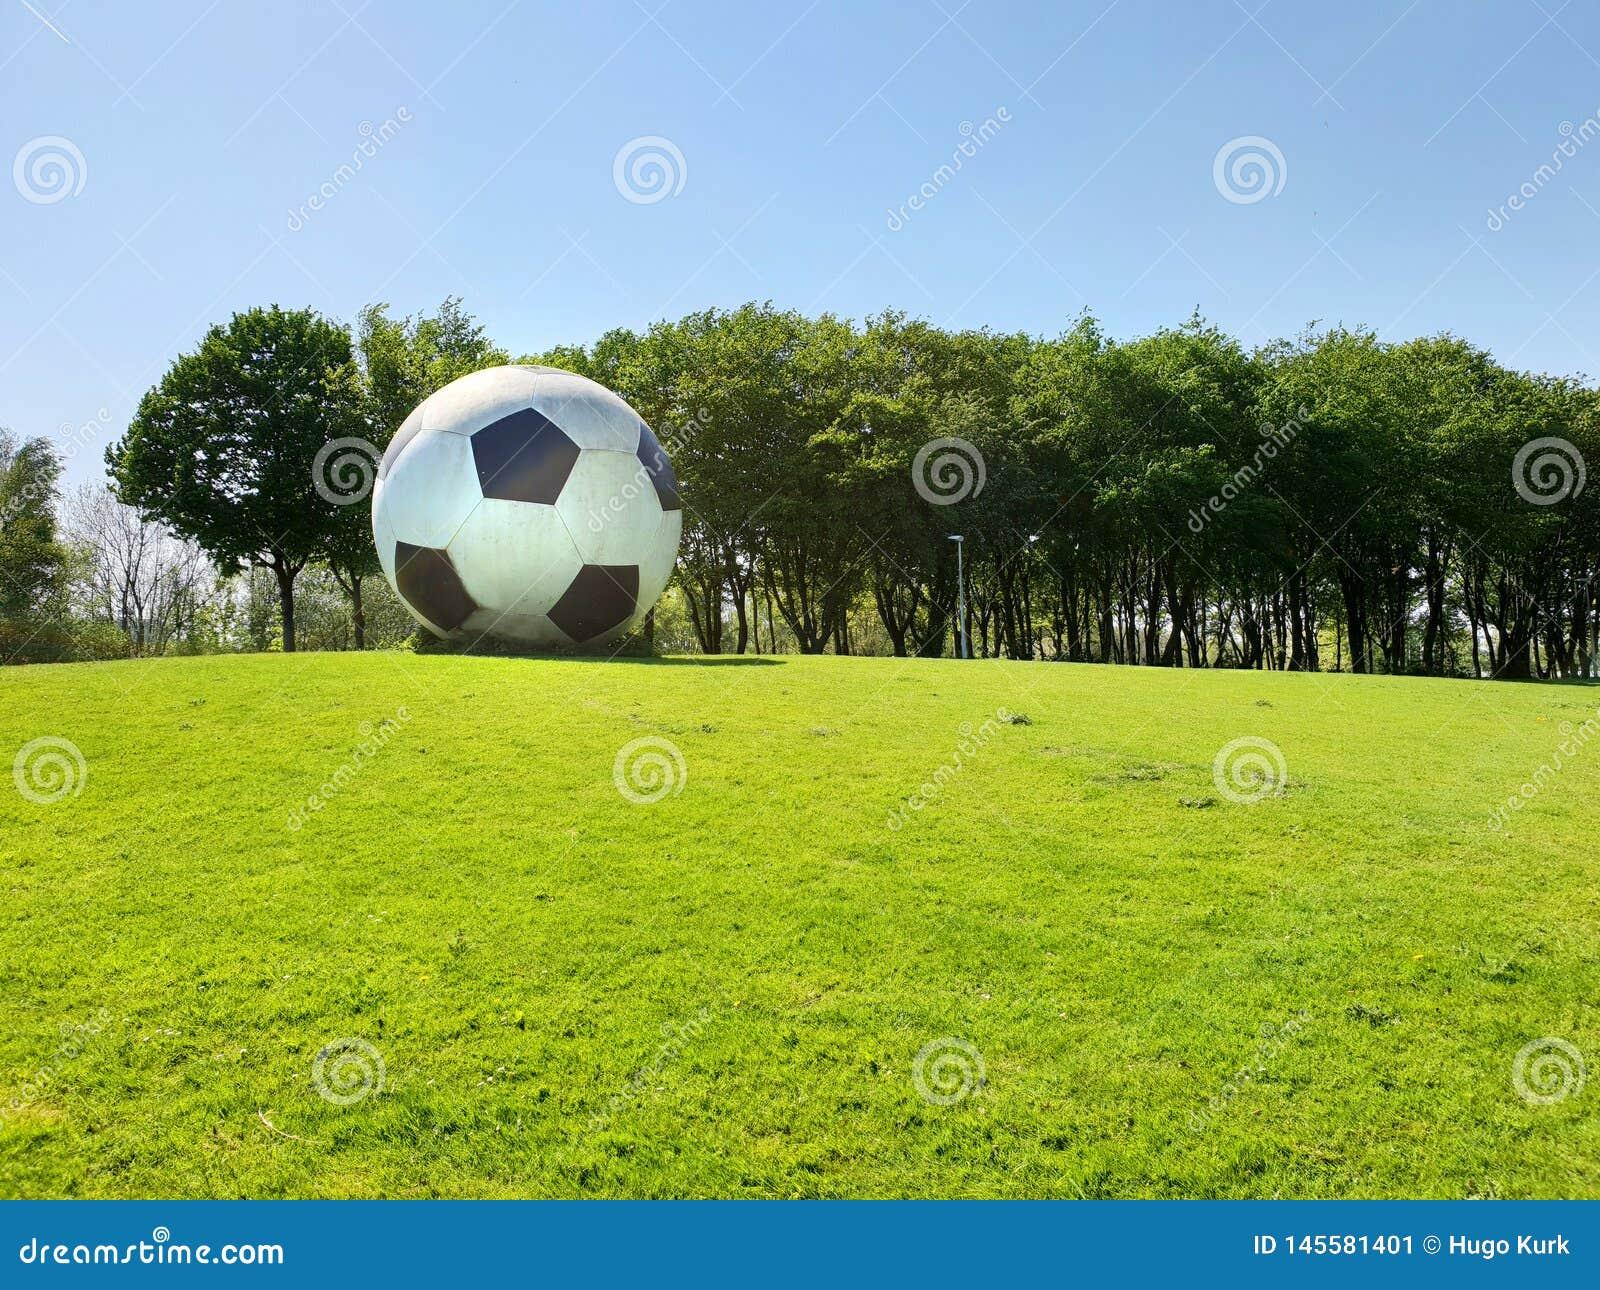 Dużych rozmiarów futbol jako grafiki przestrzeń publicznie